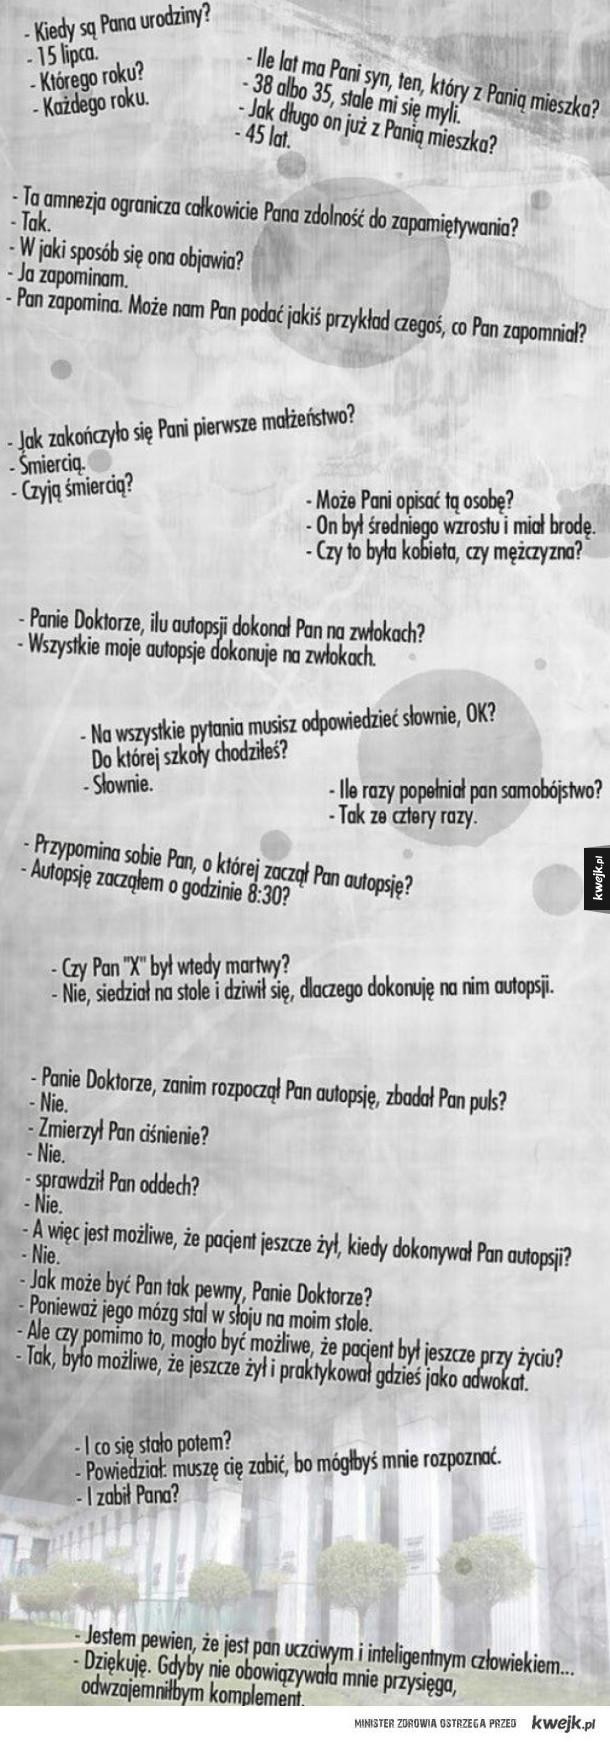 Teksty z polskich sądów